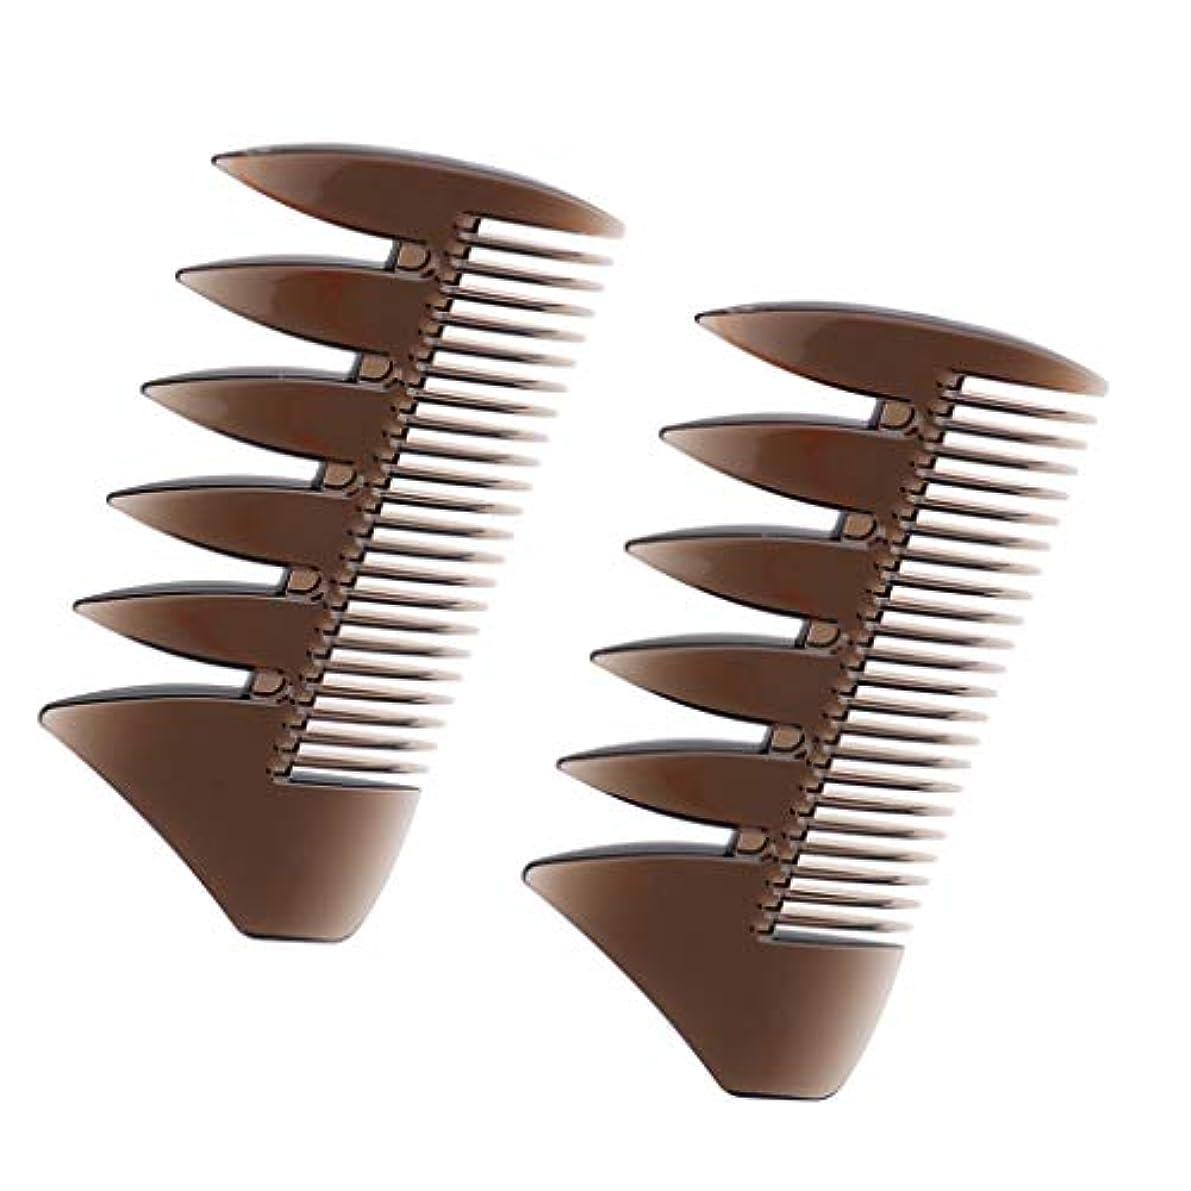 ジョージハンブリー挑むカルシウムヘアコンビ デュアルサイド メンズ 髪櫛 ヘアサロン ヘアスタイリング 散髪店/美容院専用櫛2個入